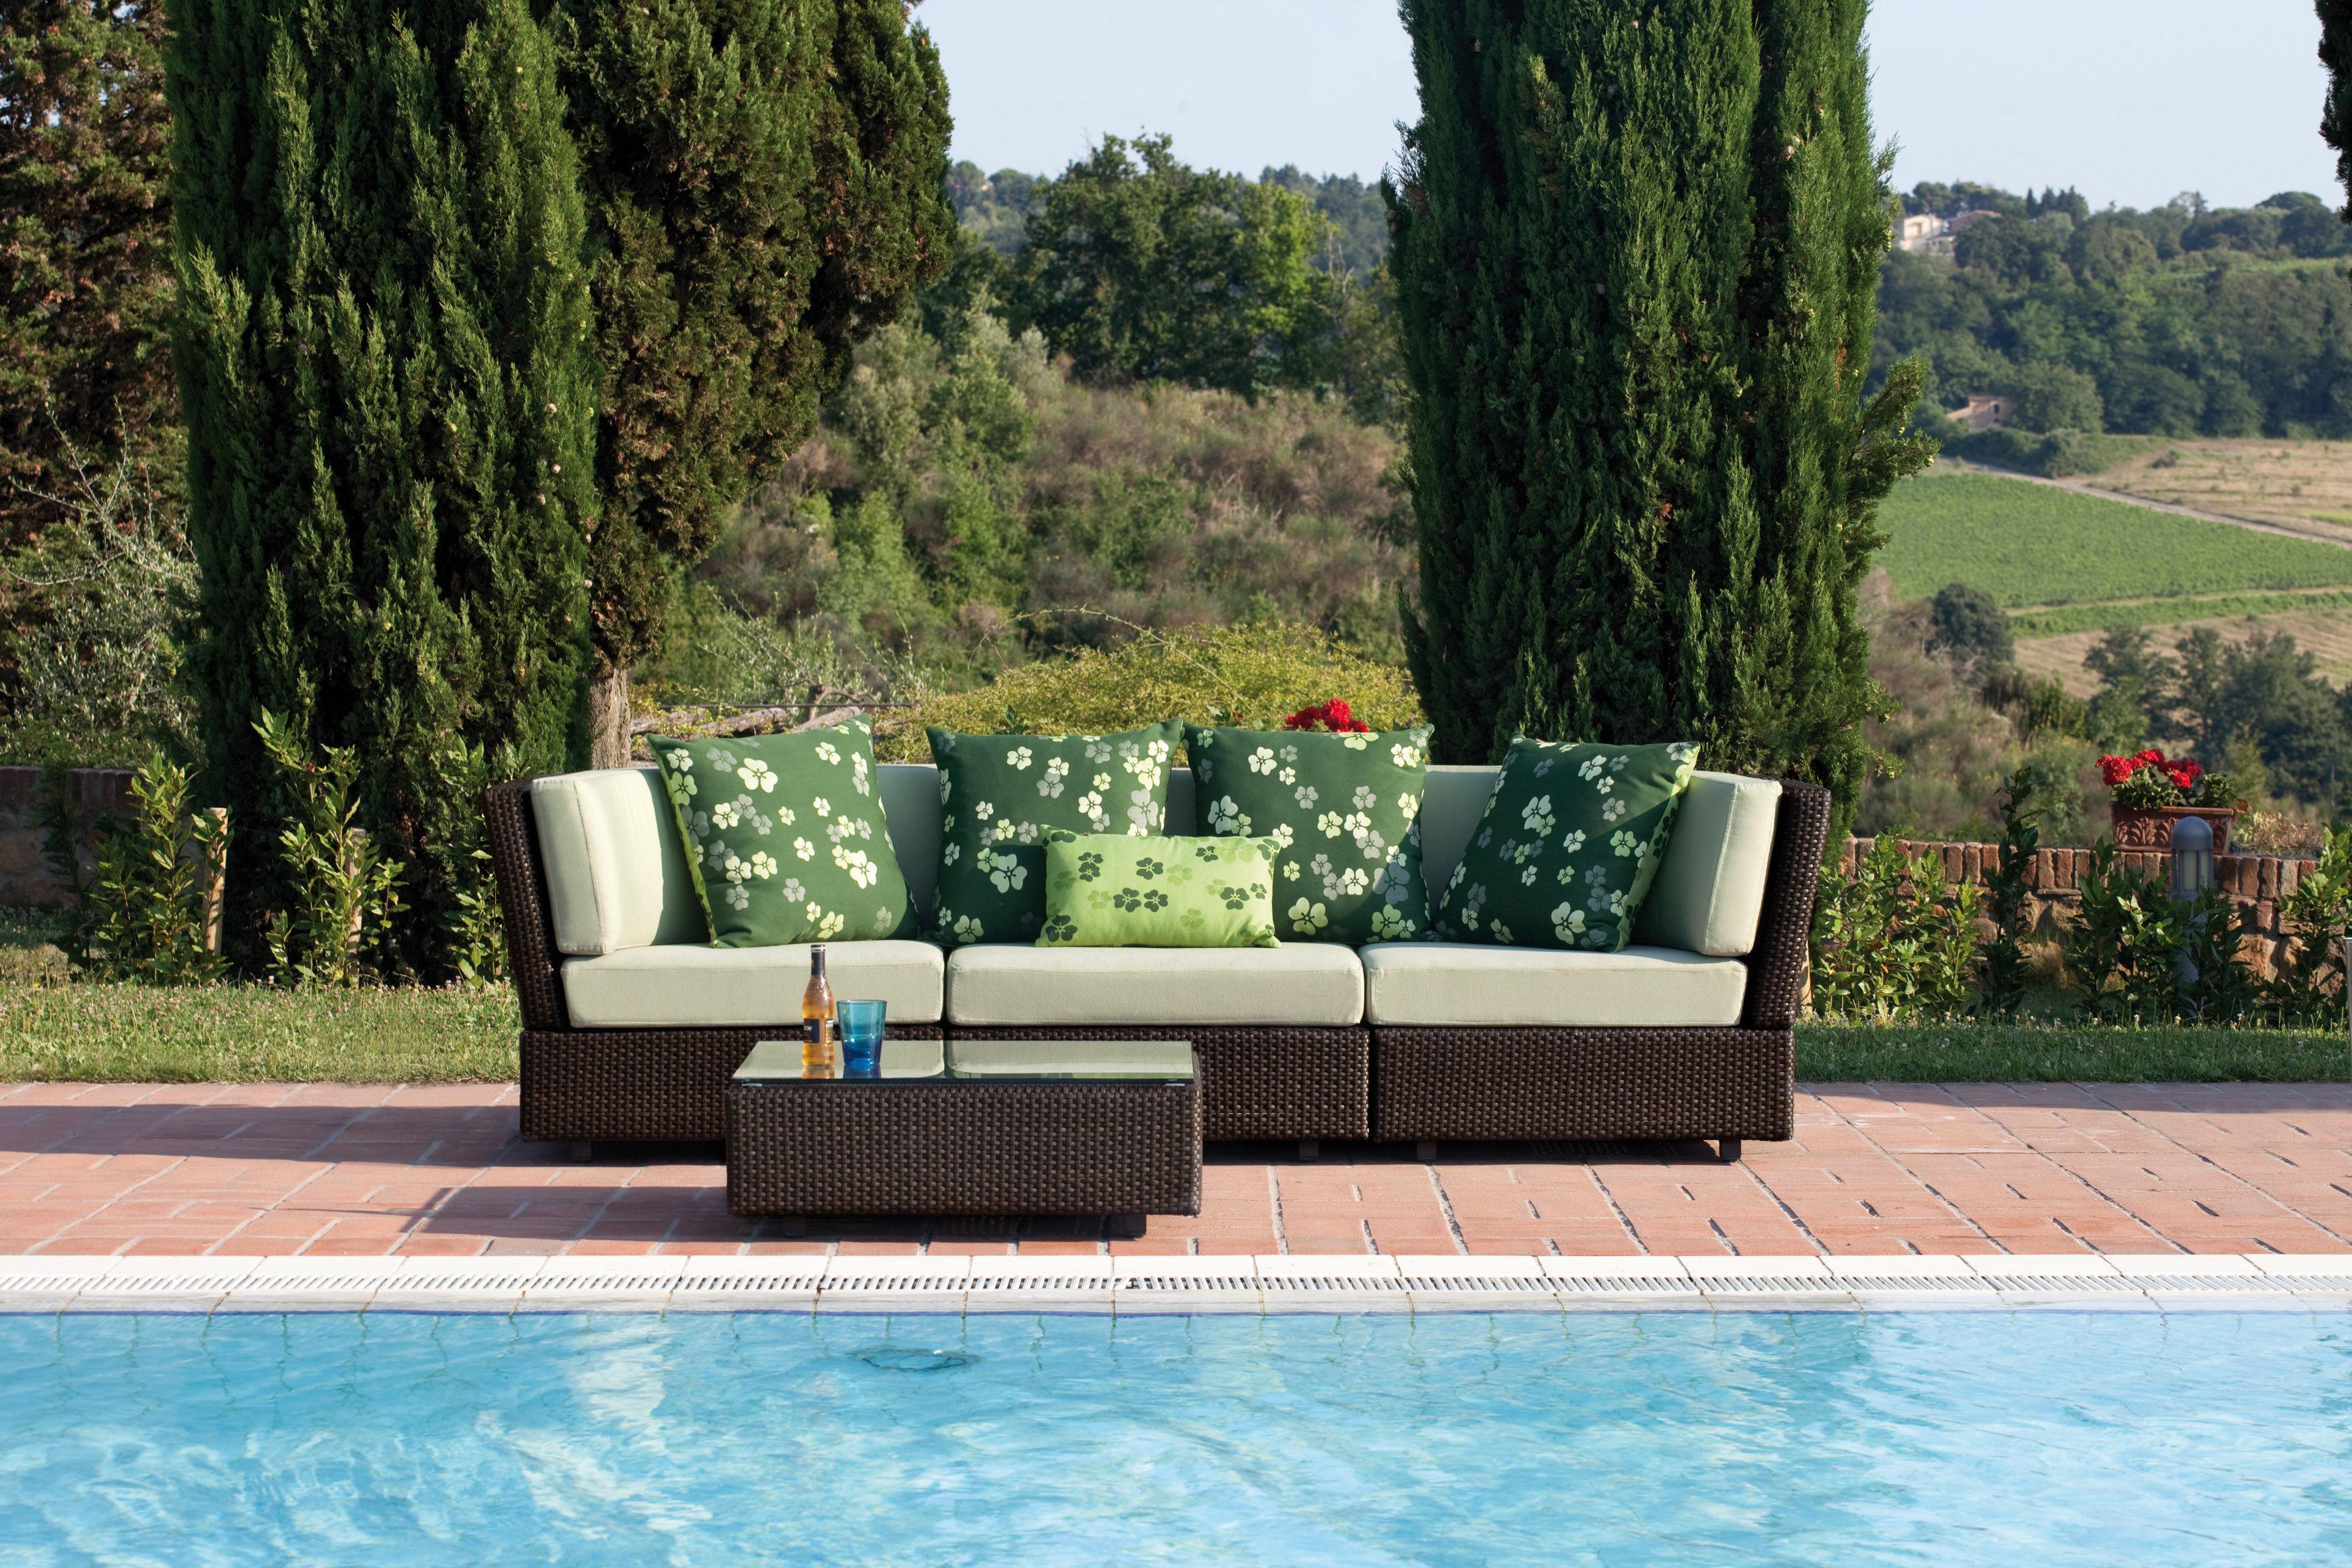 Soft ware tr fle outdoor kissen f r den au eneinsatz 55 x 55 cm 55 x 55 cm gr n by emu - Outdoor kissen fur loungemobel ...